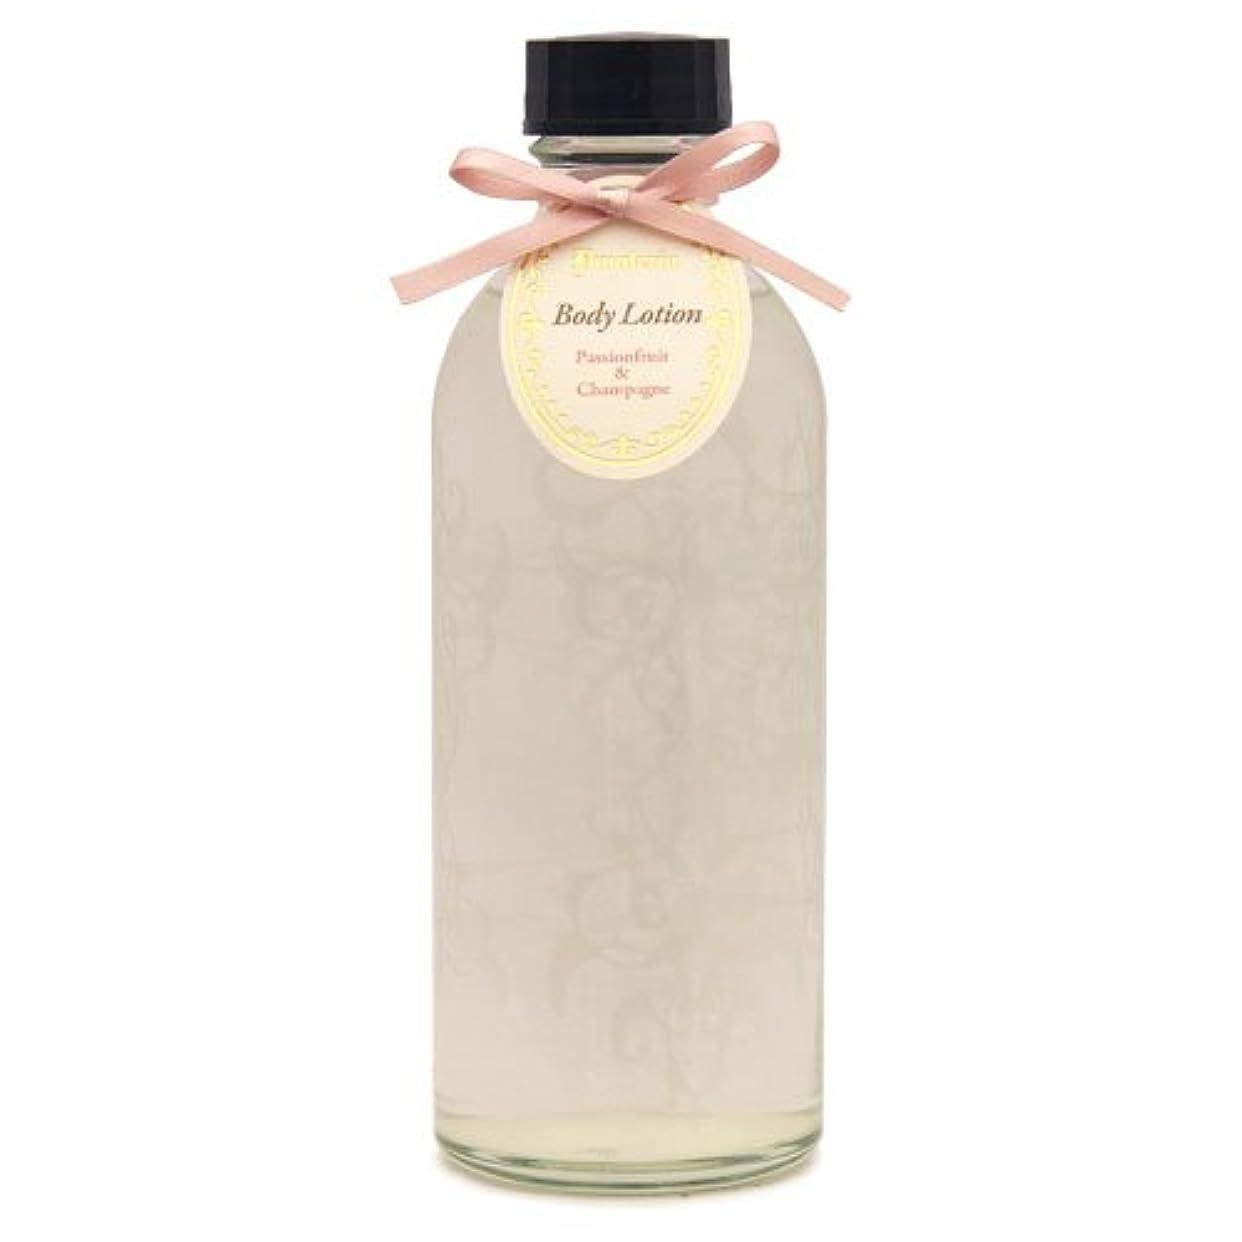 金額単にけん引D materia ボディローション パッションフルーツ&シャンパン Passionfruit&Champagne Body Lotion ディーマテリア